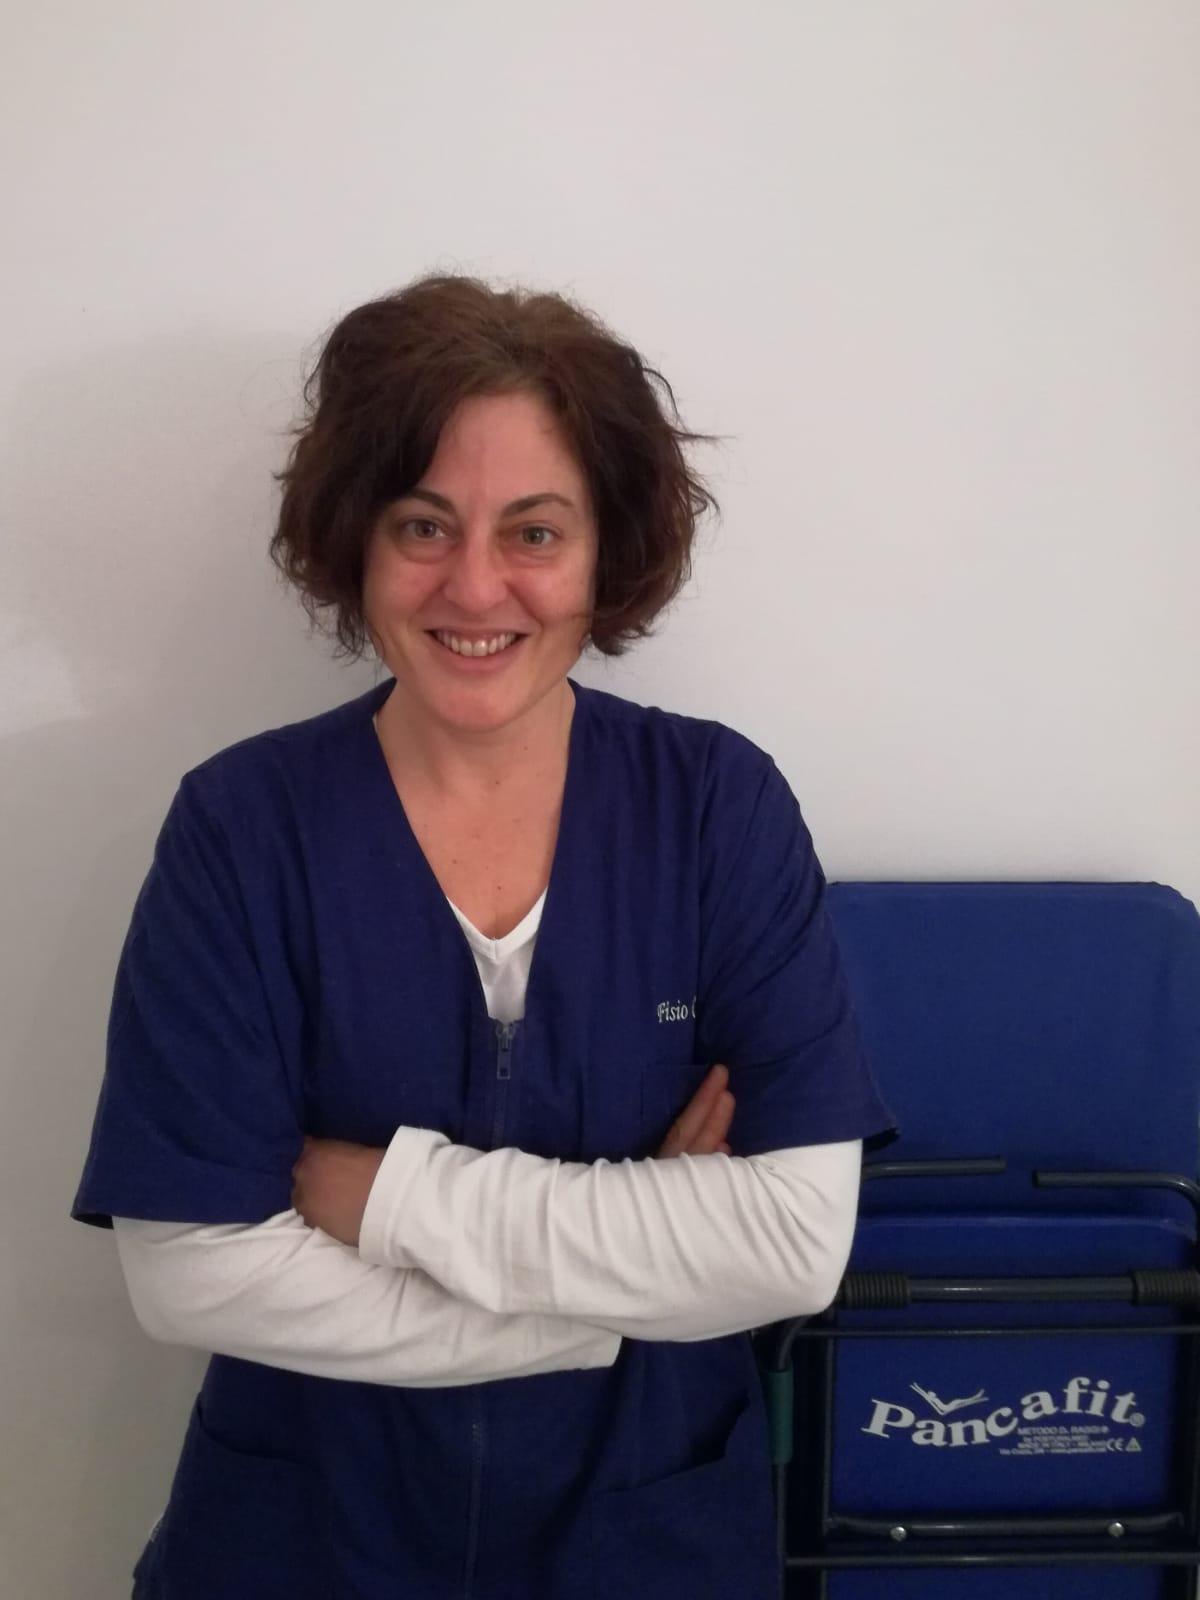 CORINNA GILIBERTI - Dottoressa in Fisioterapia